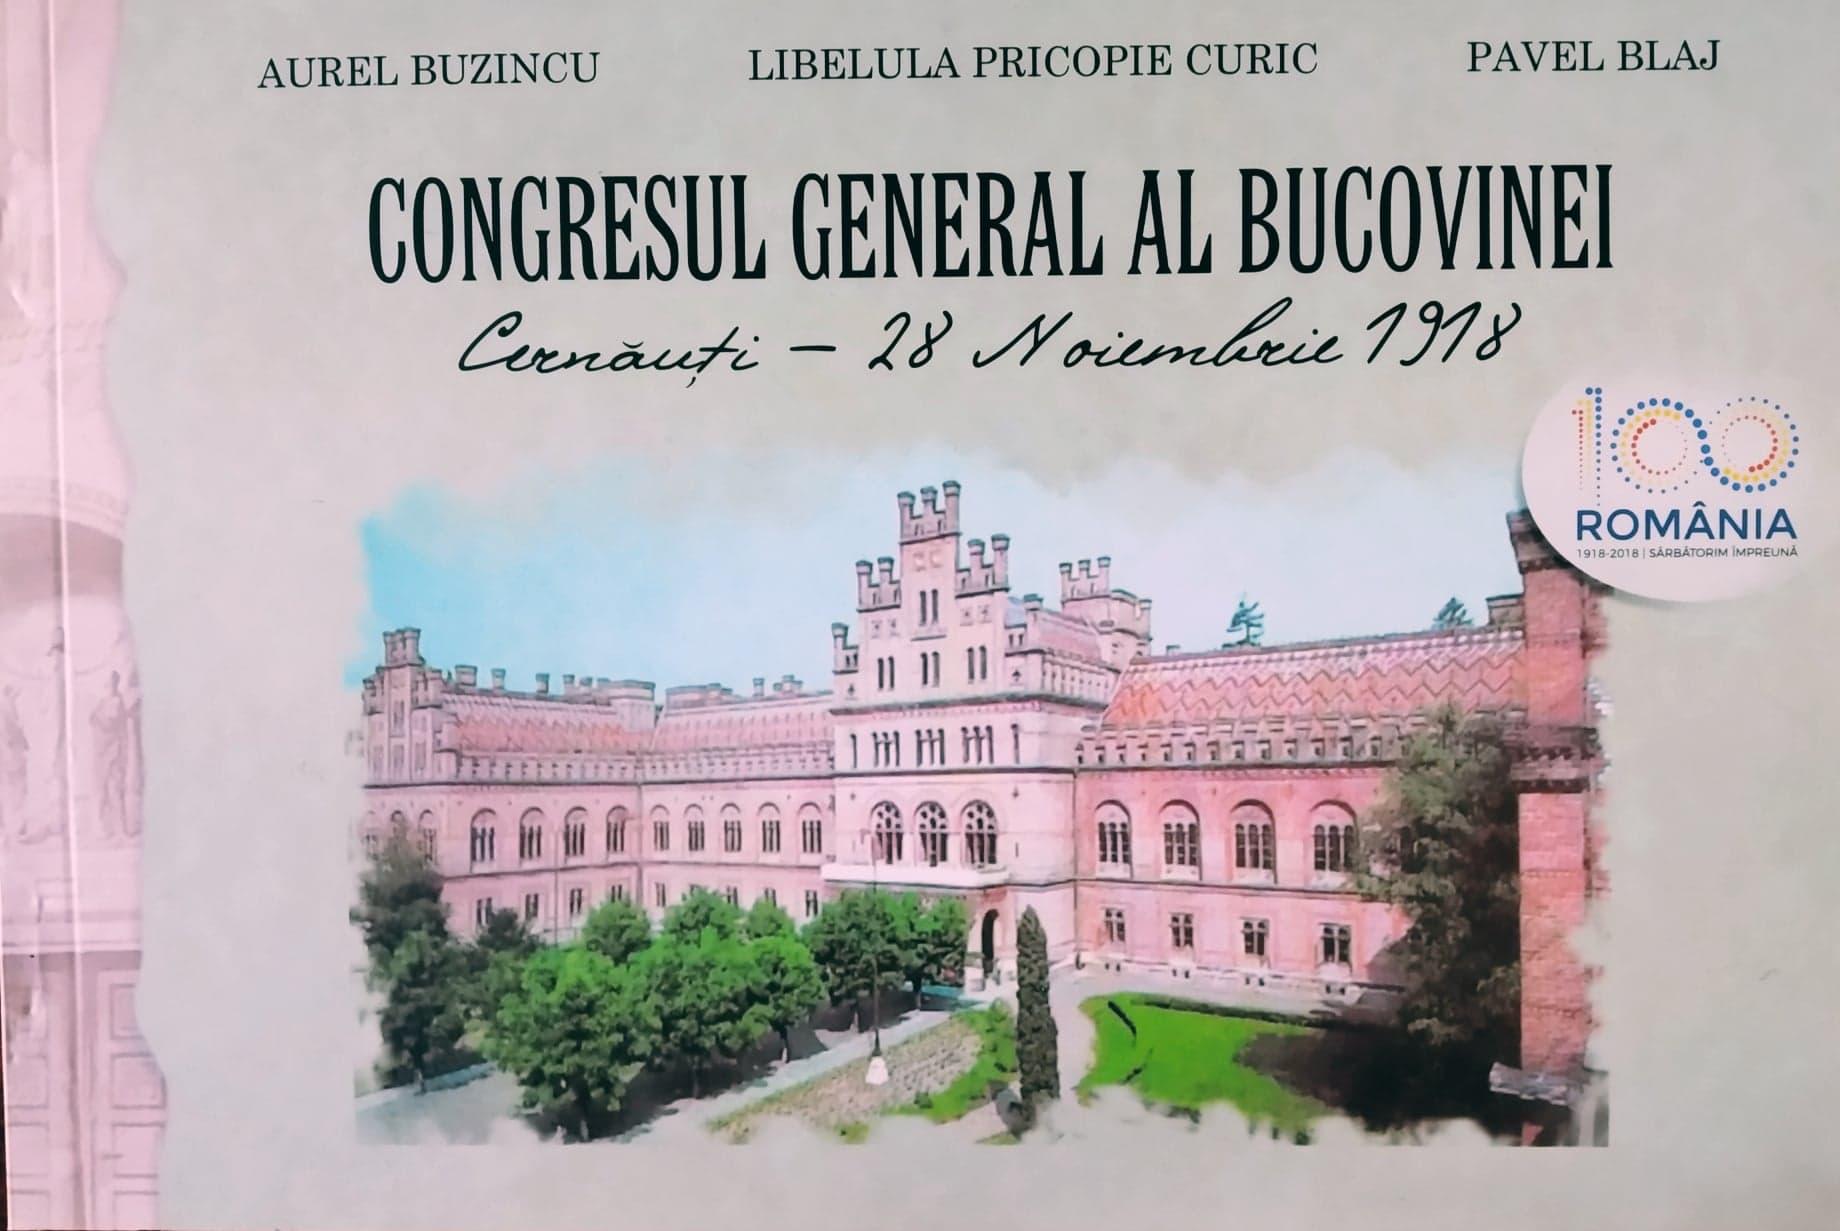 Congresul general al Bucovinei Cernăuți - 28 noiembrie 1918 - Aurel Buzincu, Libelula Pricopie Curic, Pavel Blaj - Editura Terra Design, Gura Humorului, 2019